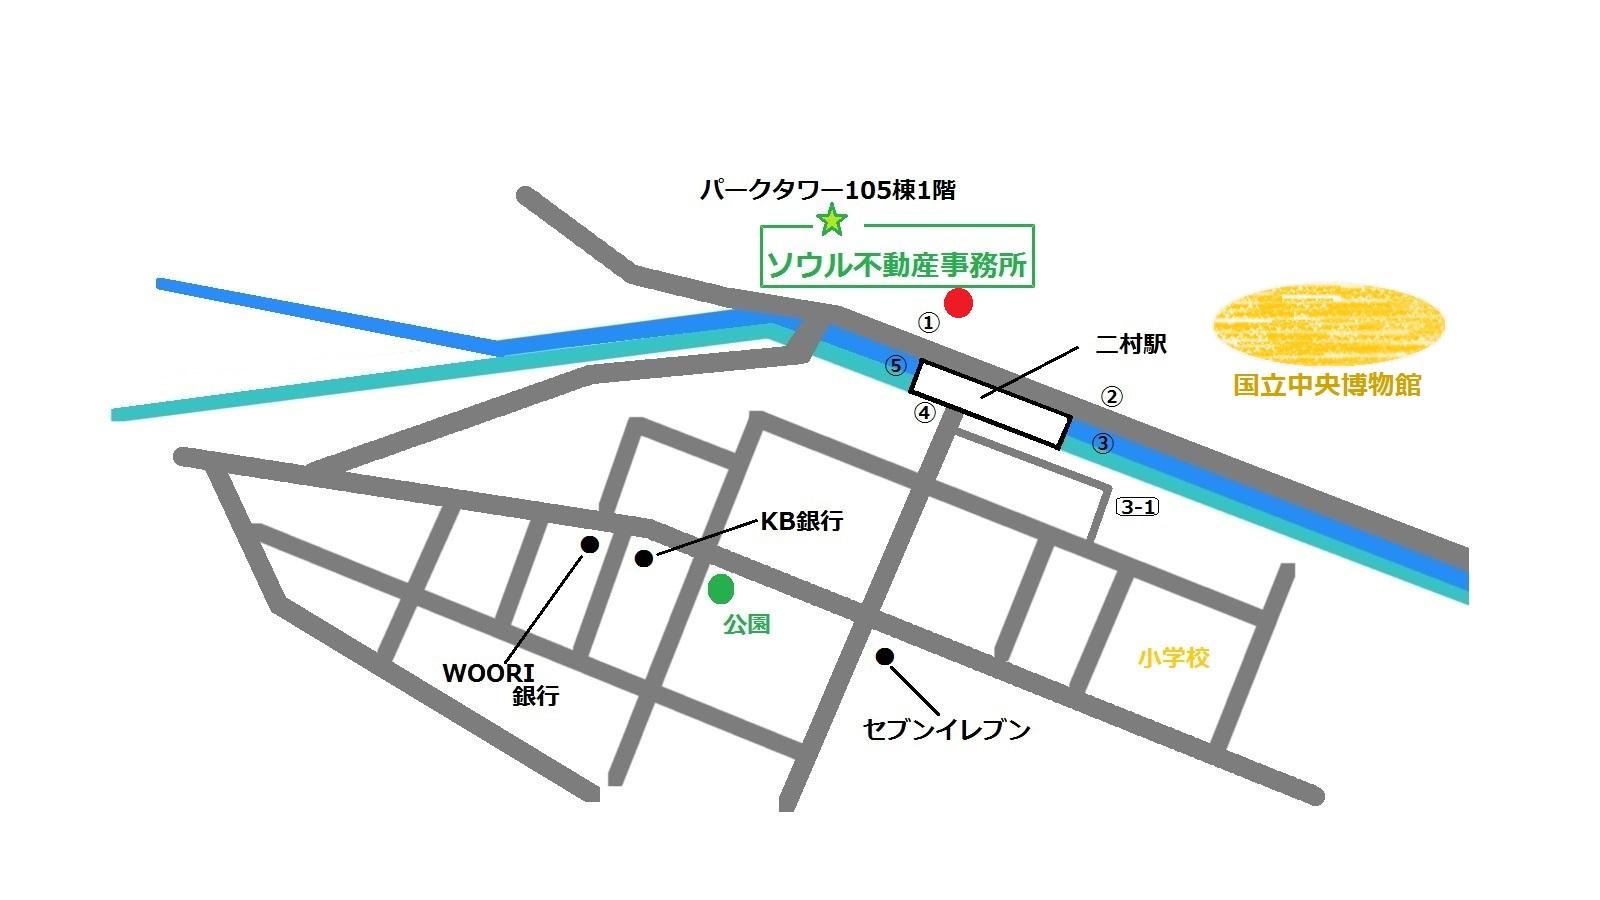 京都マーブル 地図 쿄토마블 오시는길